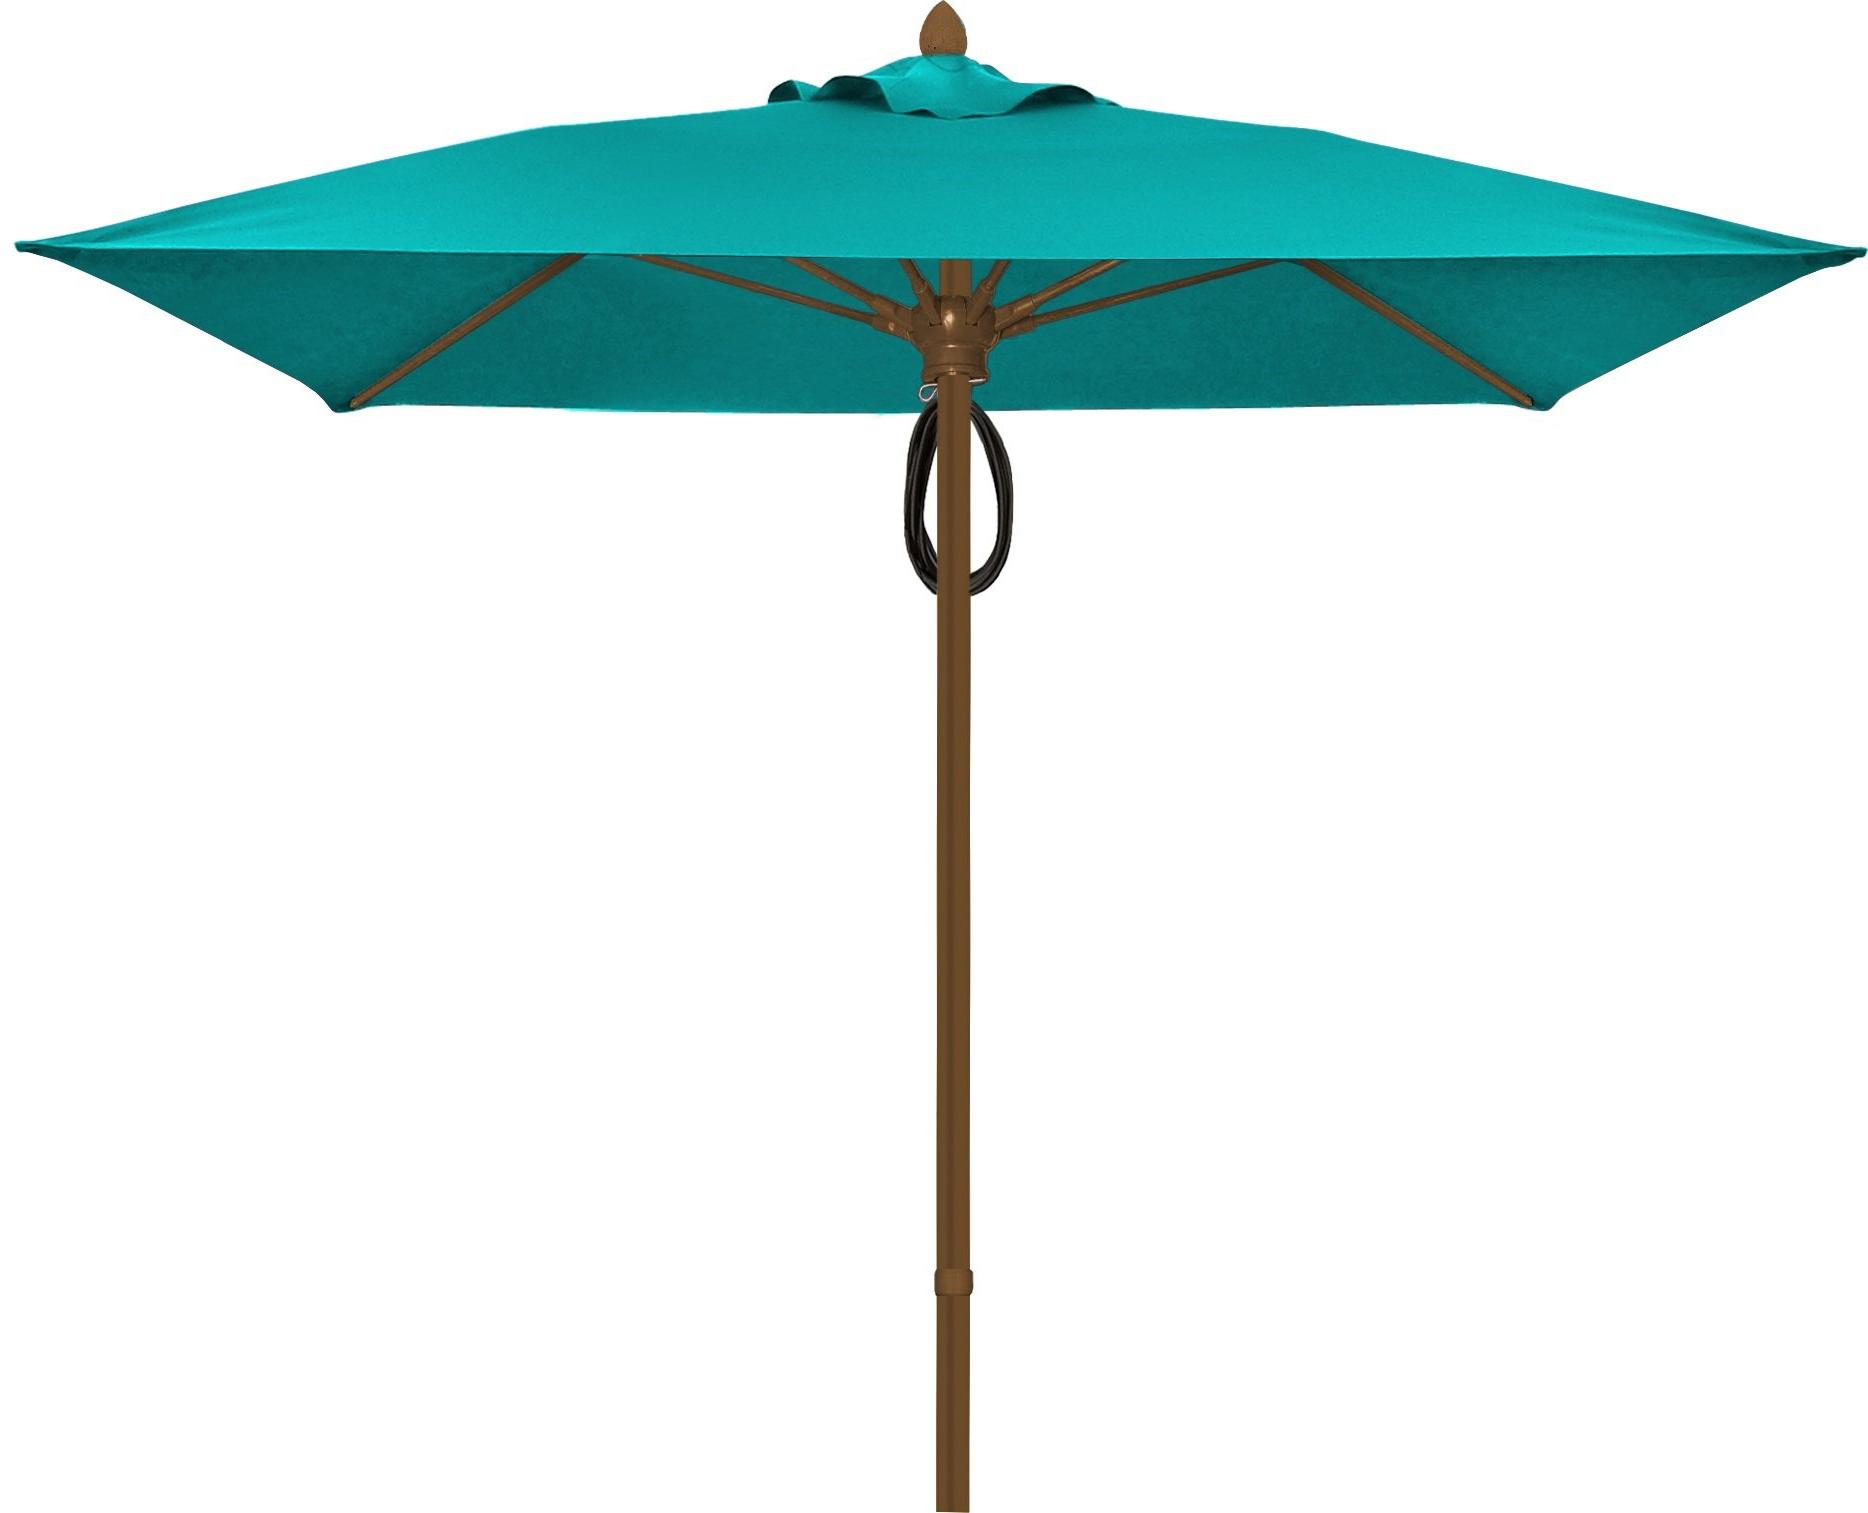 Priscilla Market Umbrellas For Latest Prestige 6' Square Market Umbrella (View 20 of 20)